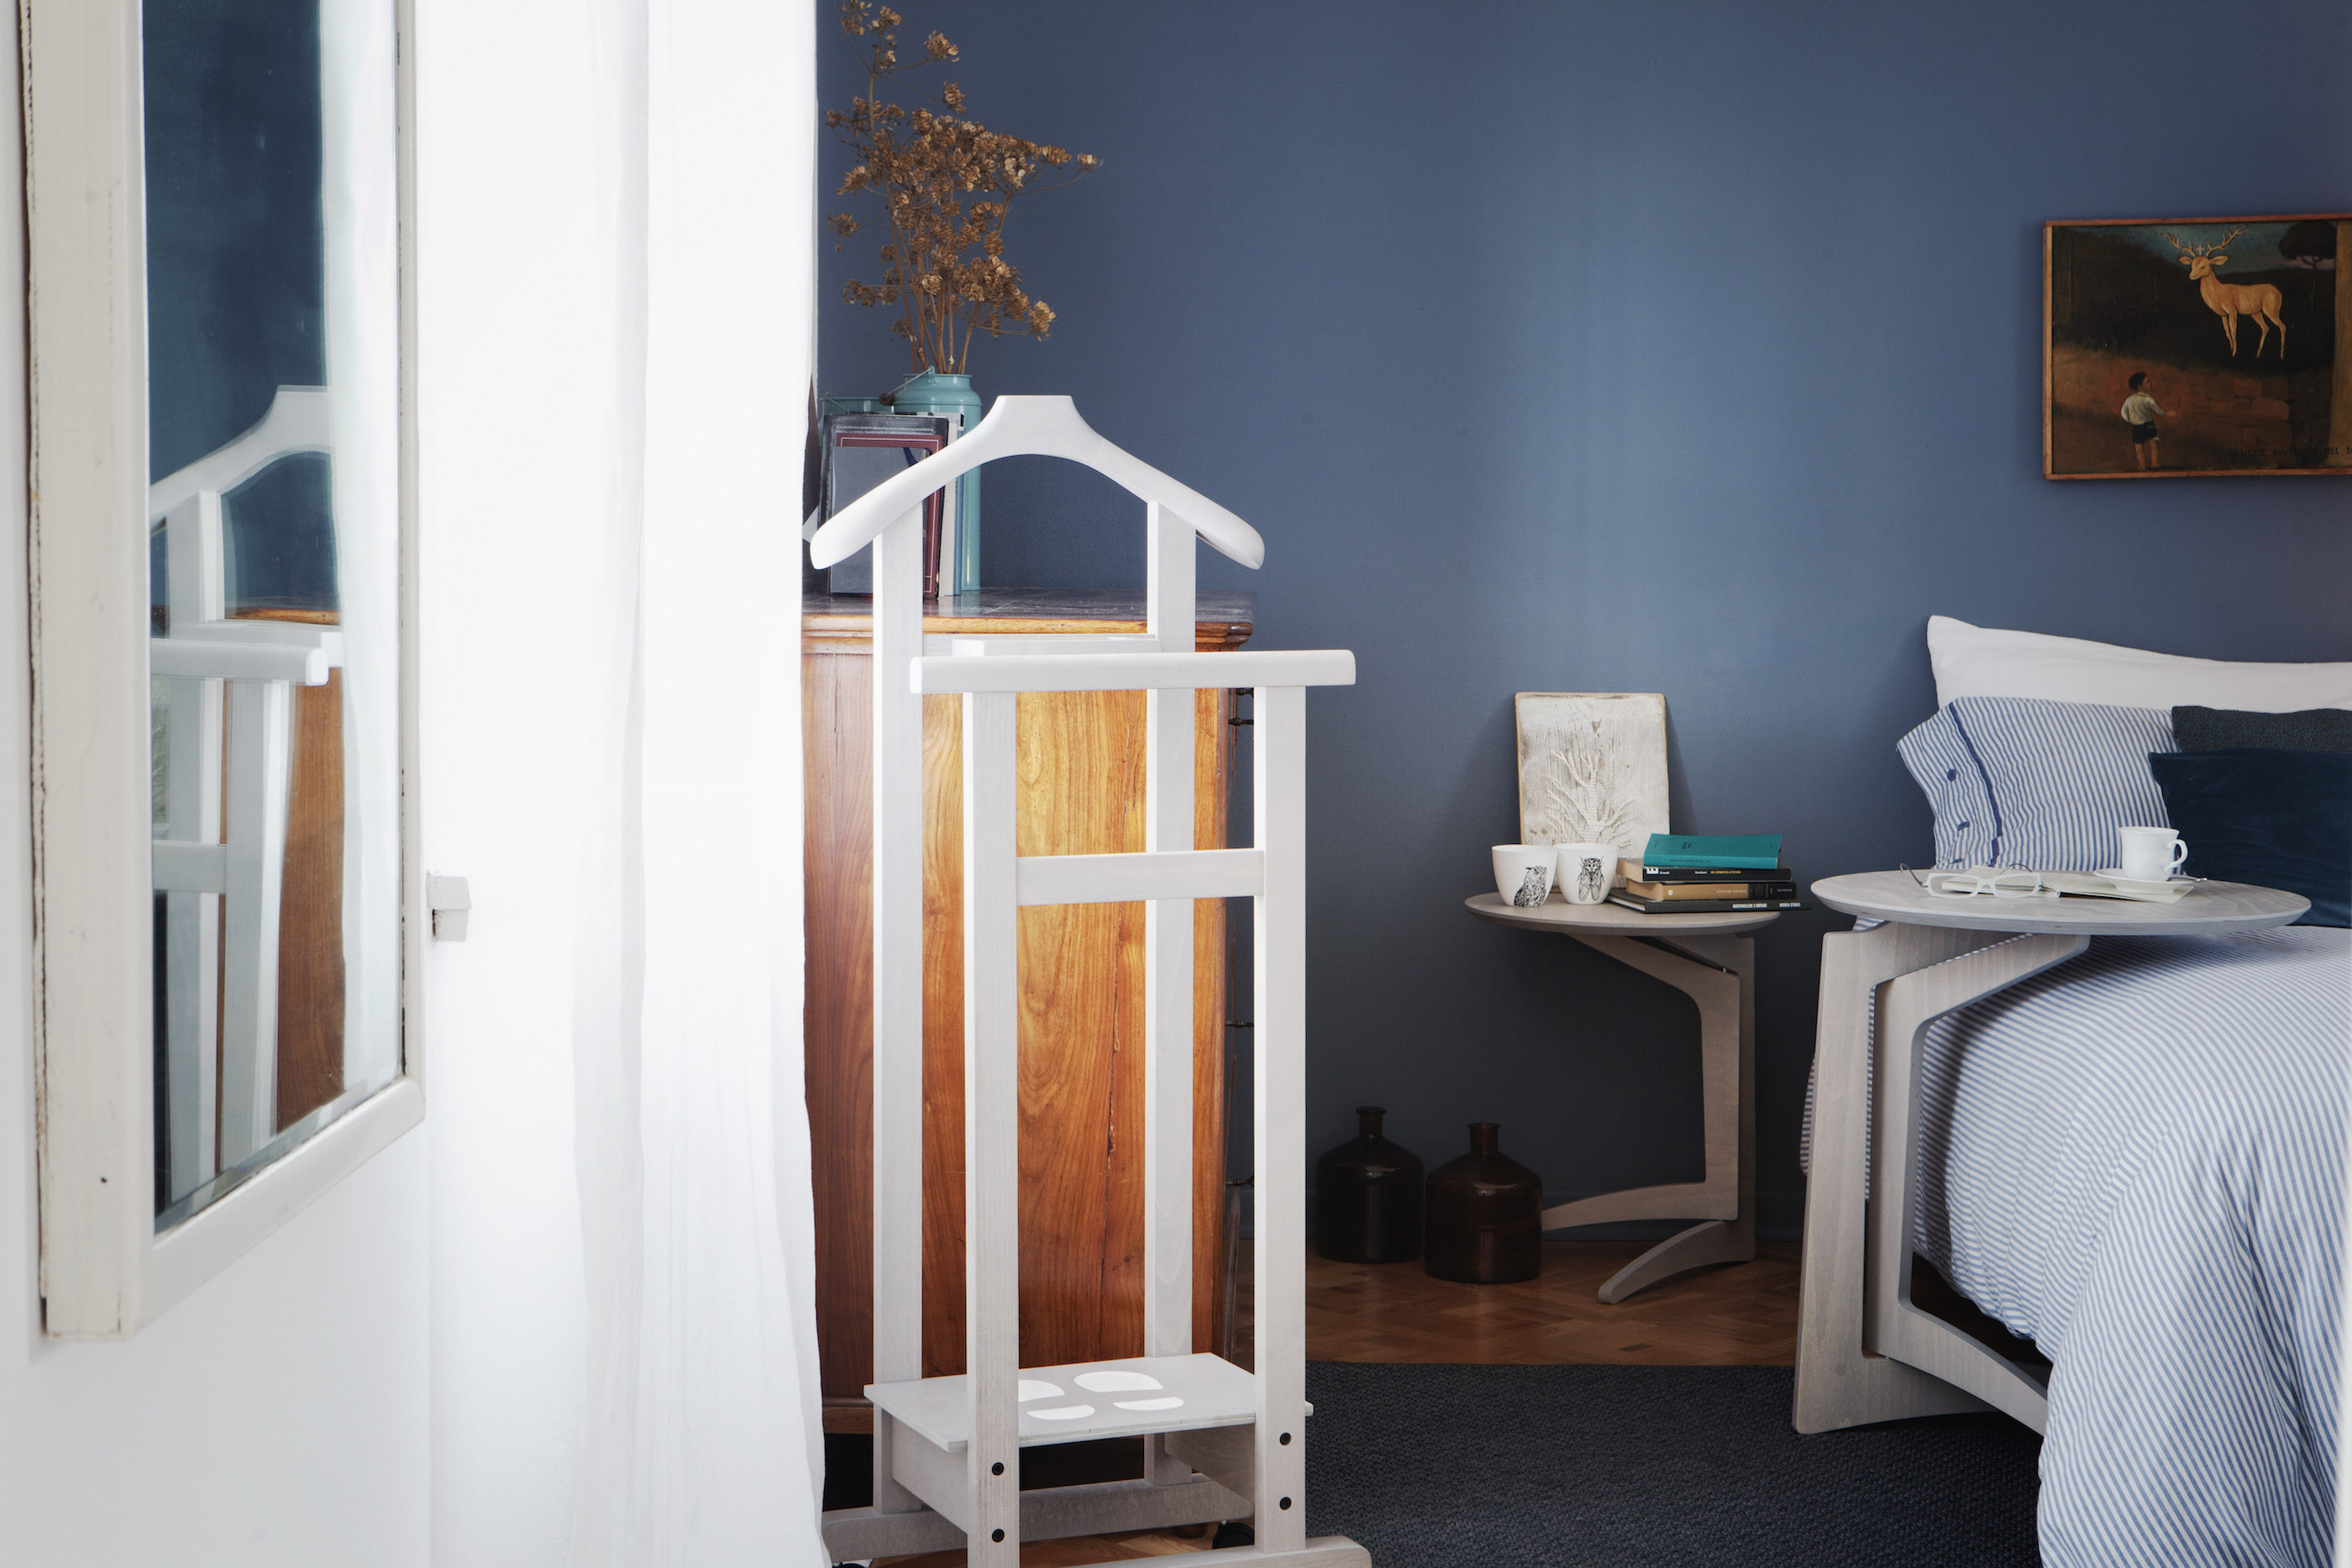 Complementi d 39 arredo di design in legno massello for Complementi arredo design